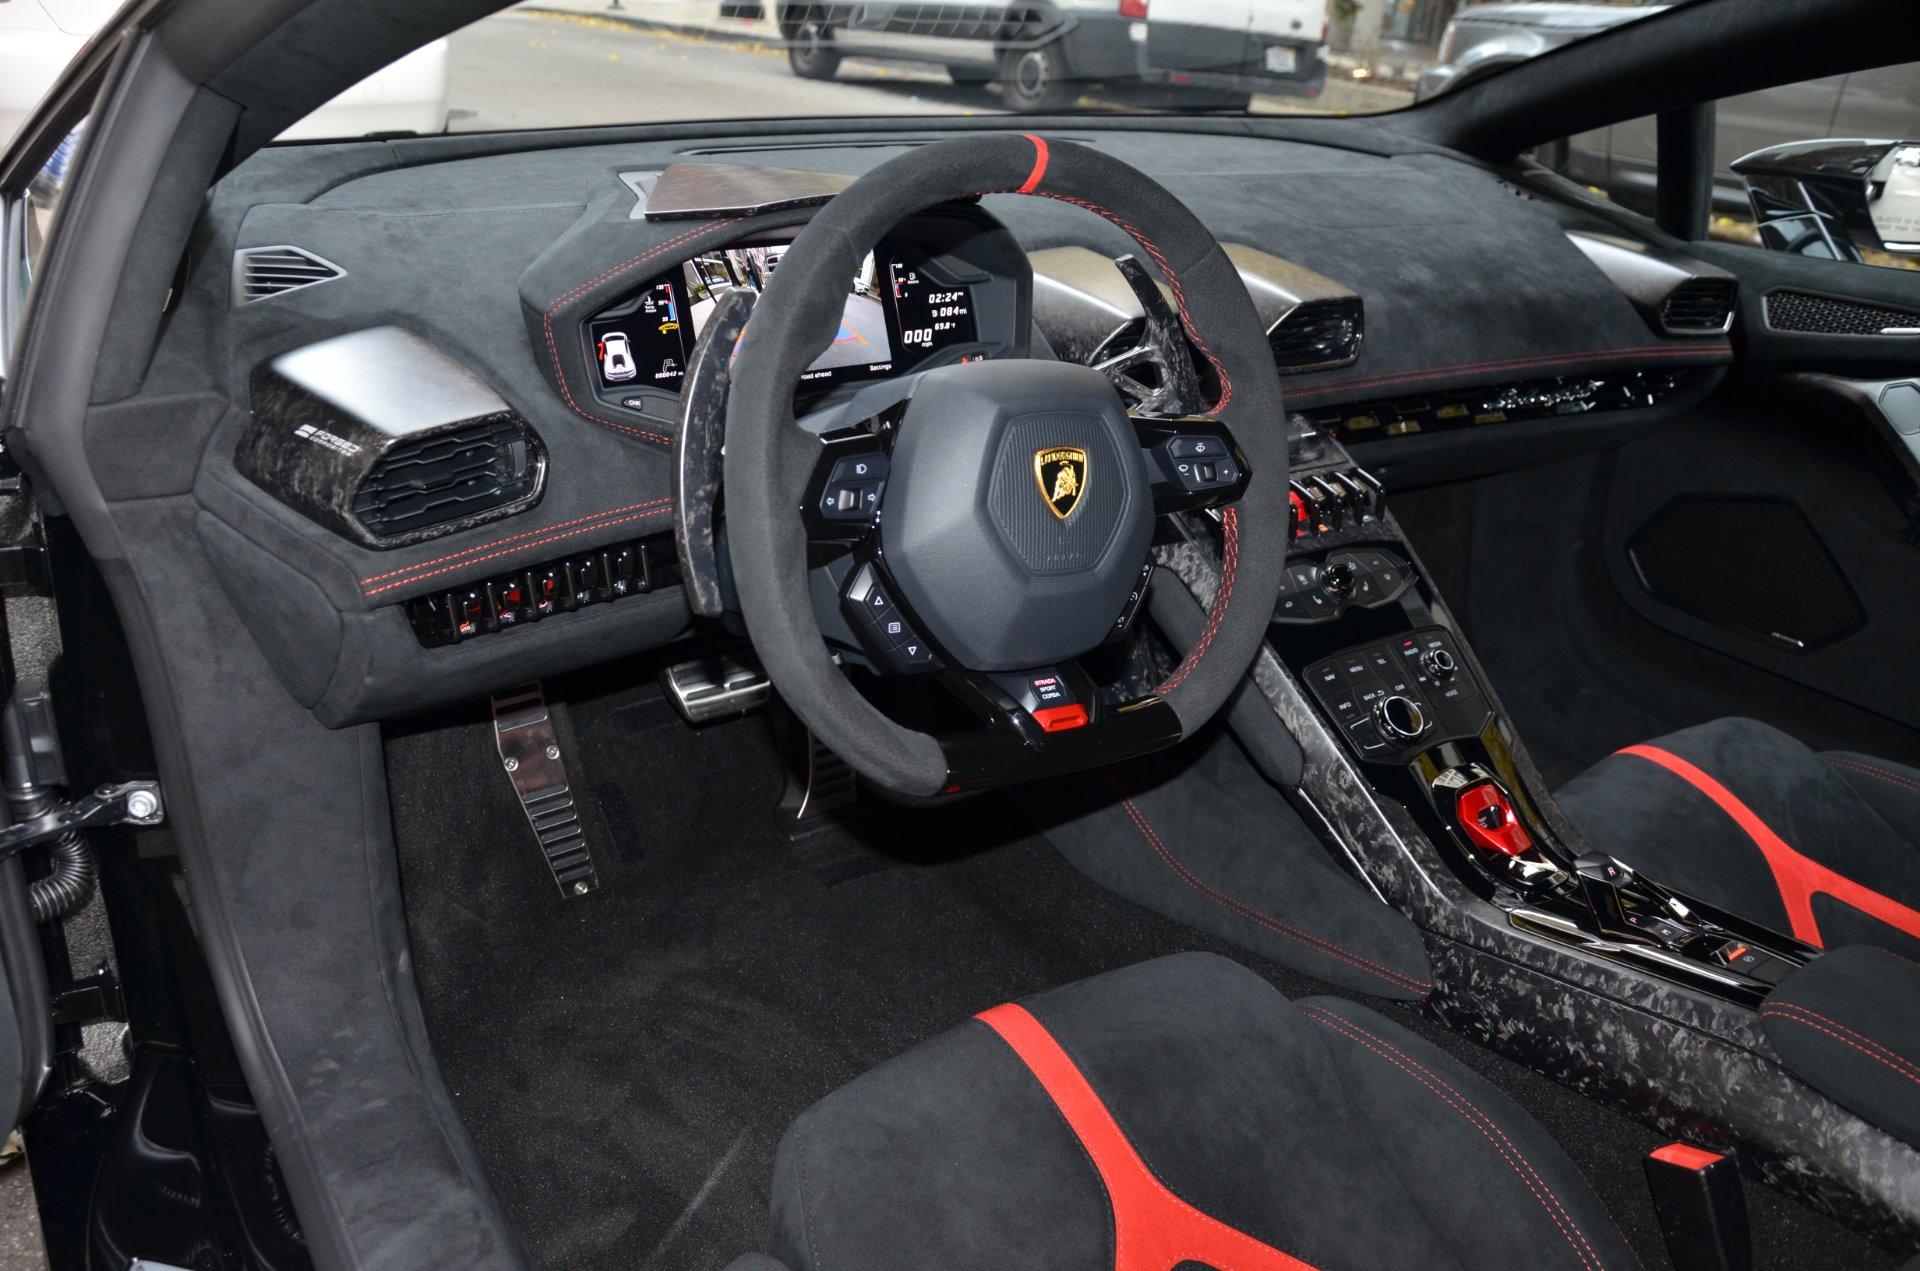 Used 2018 Lamborghini Huracan Performante LP 640-4 Performante | Chicago, IL